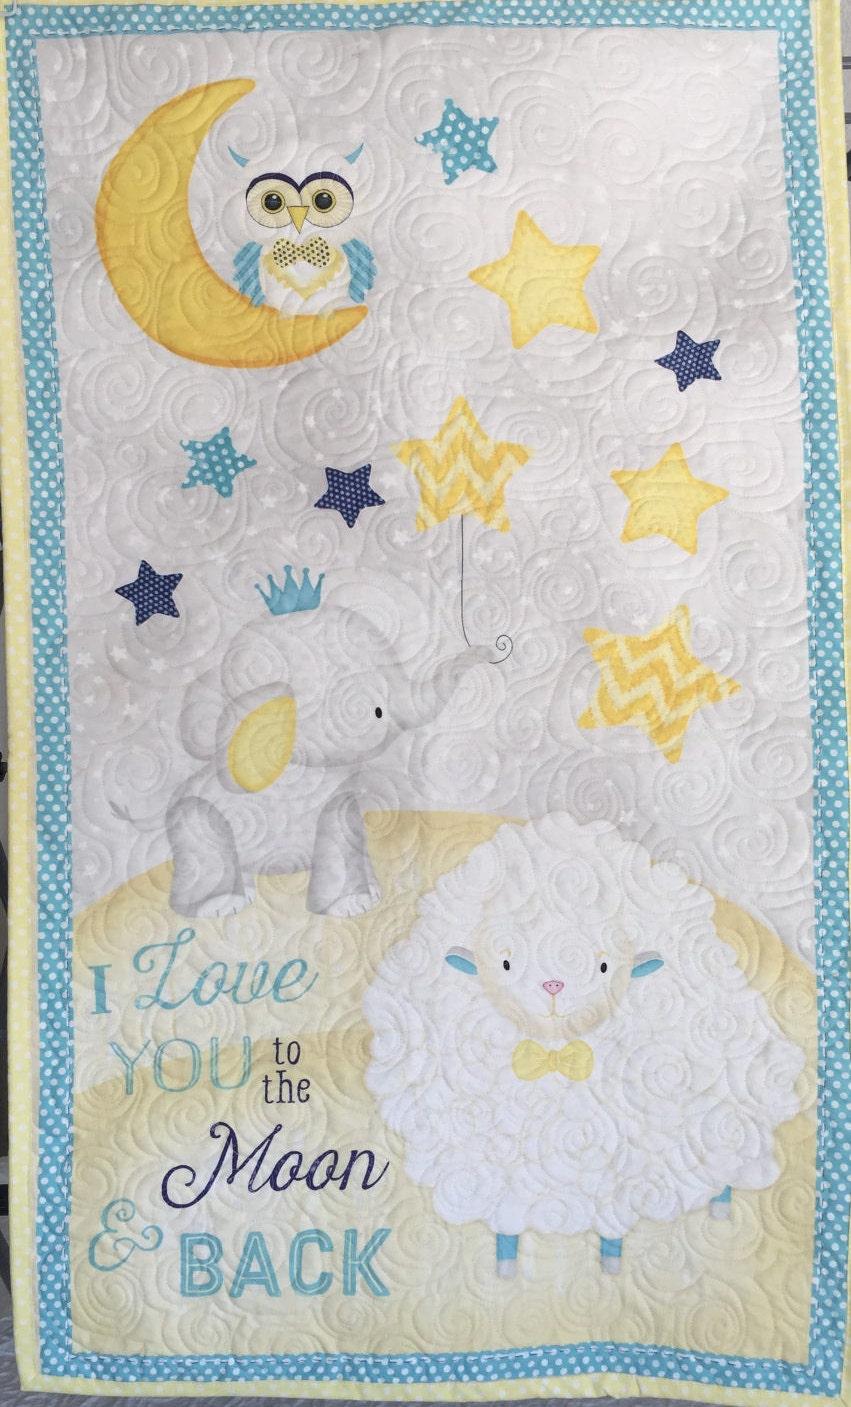 Baby Quilt Blanket Unisex Gender Neutral Yellow Blue